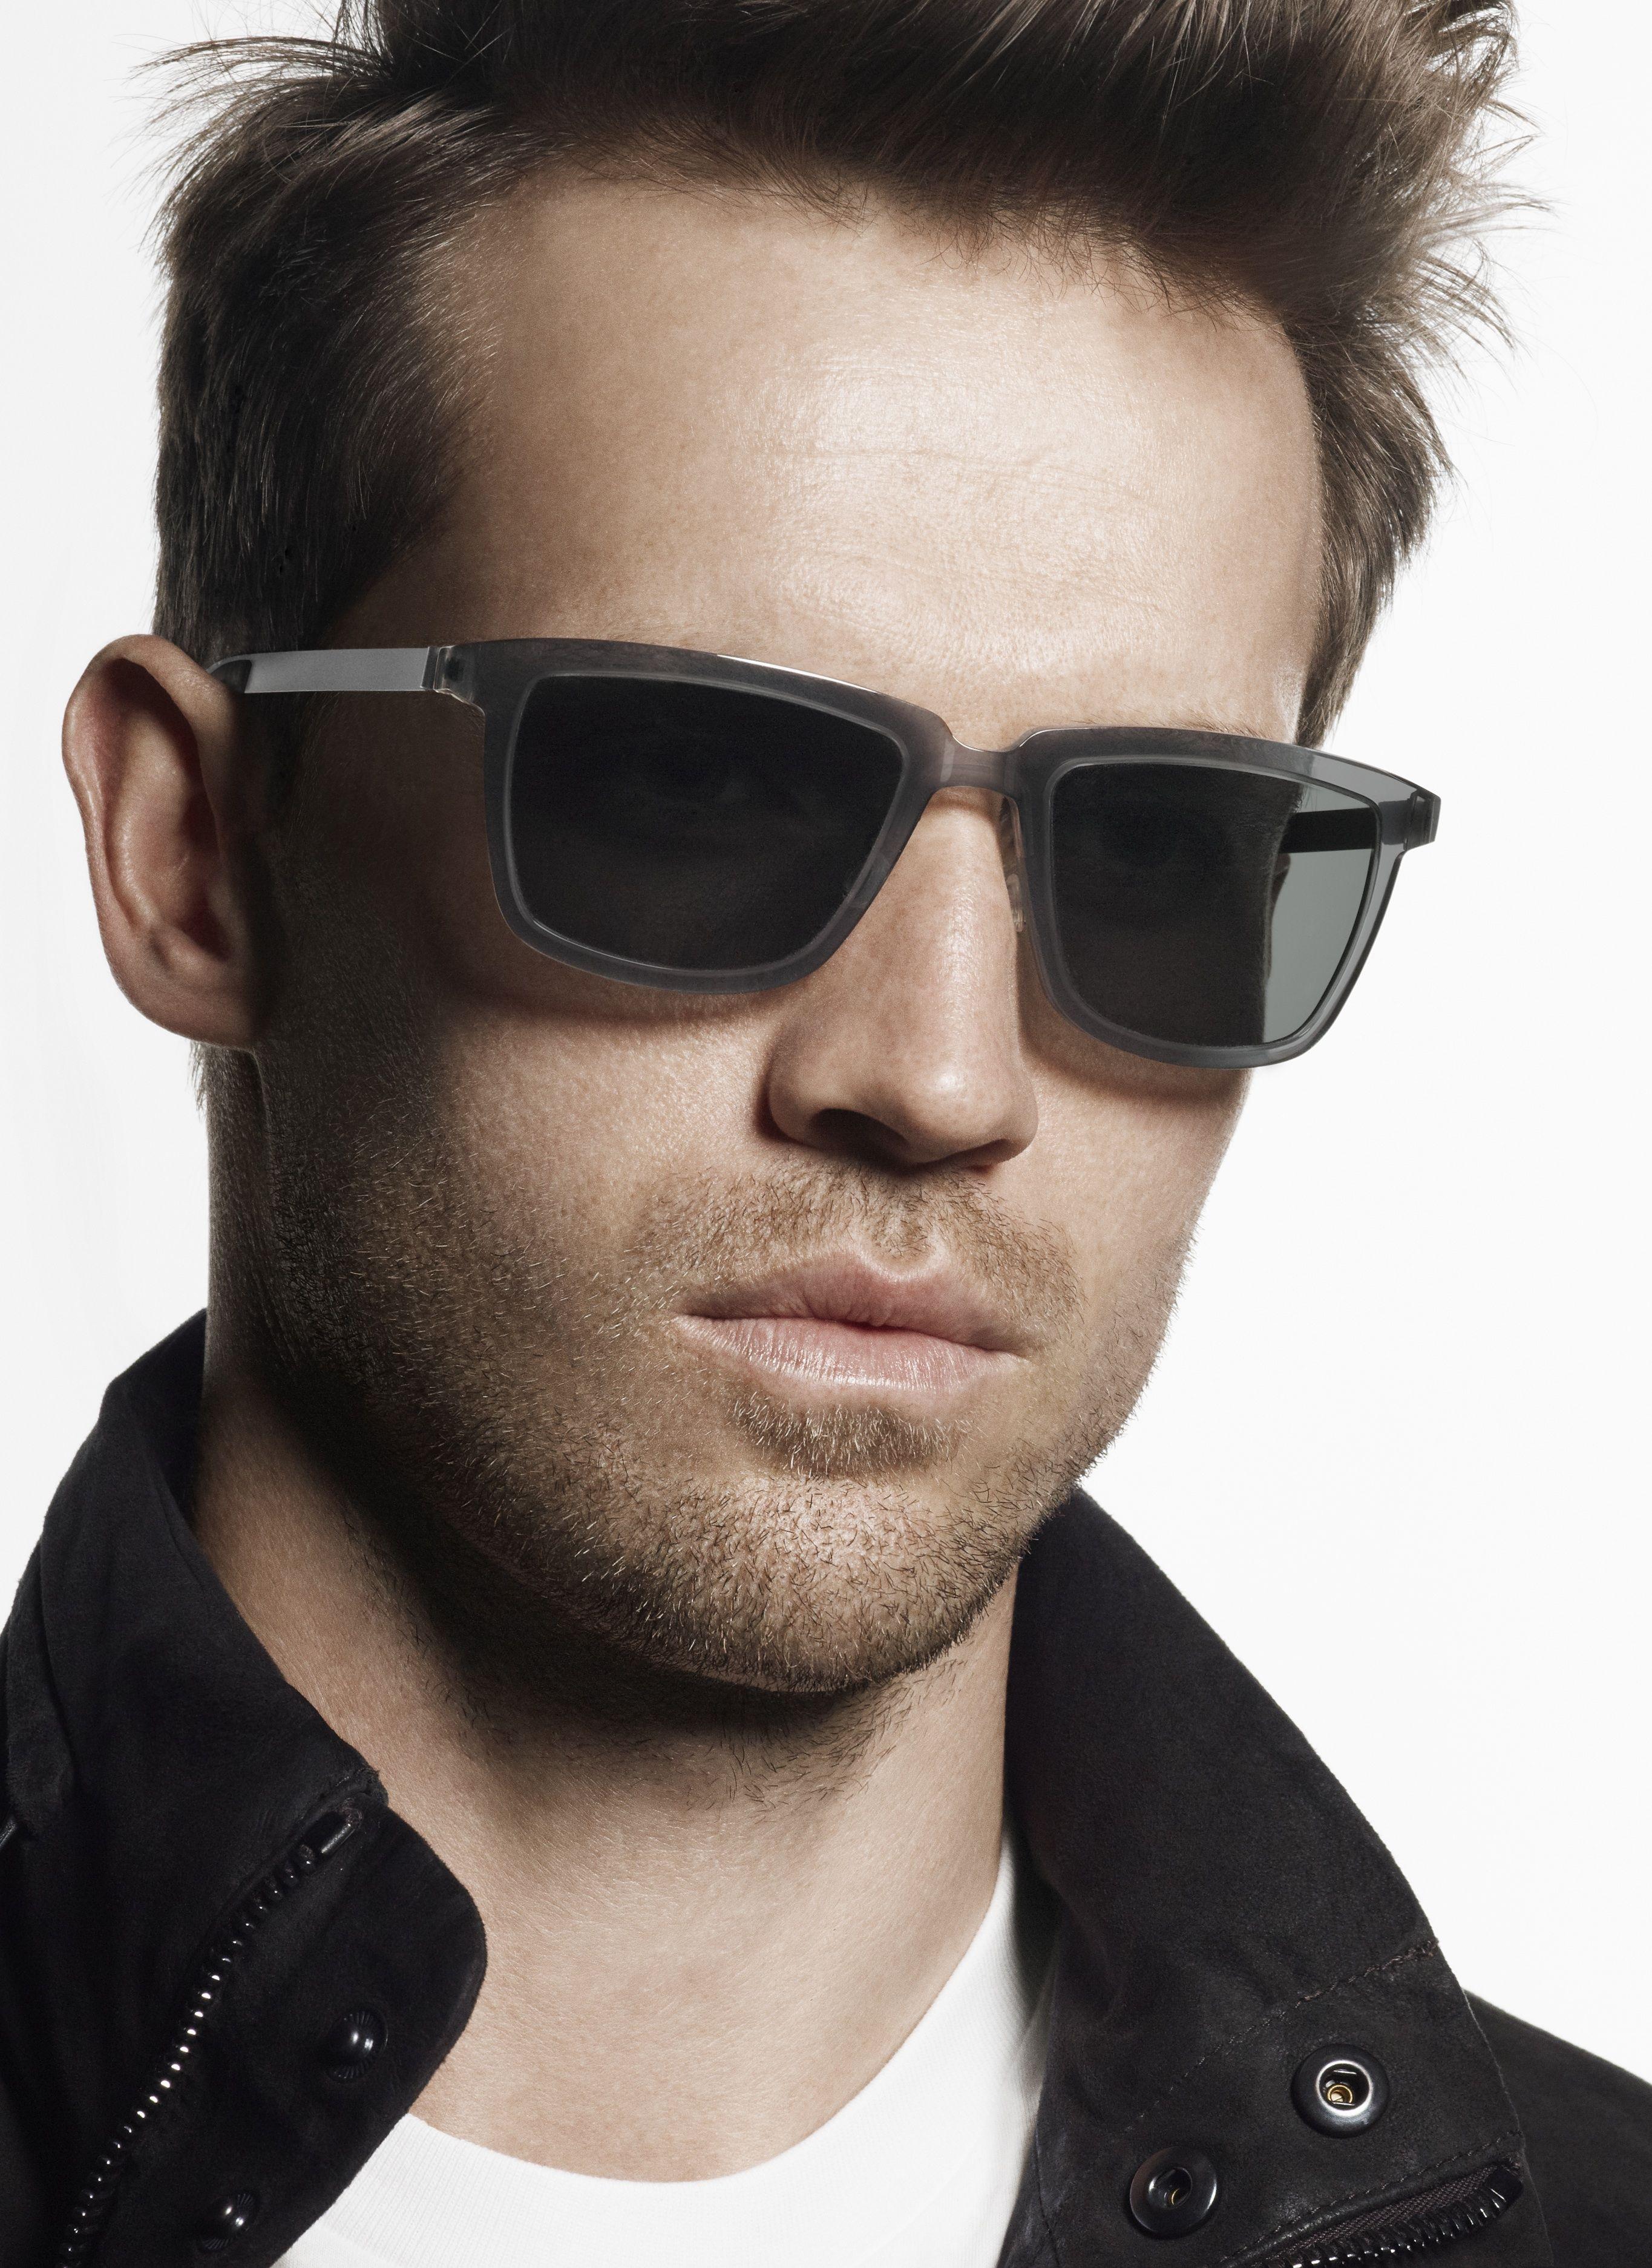 7fad7552dc8 calvin klein men model glasses - Căutare Google